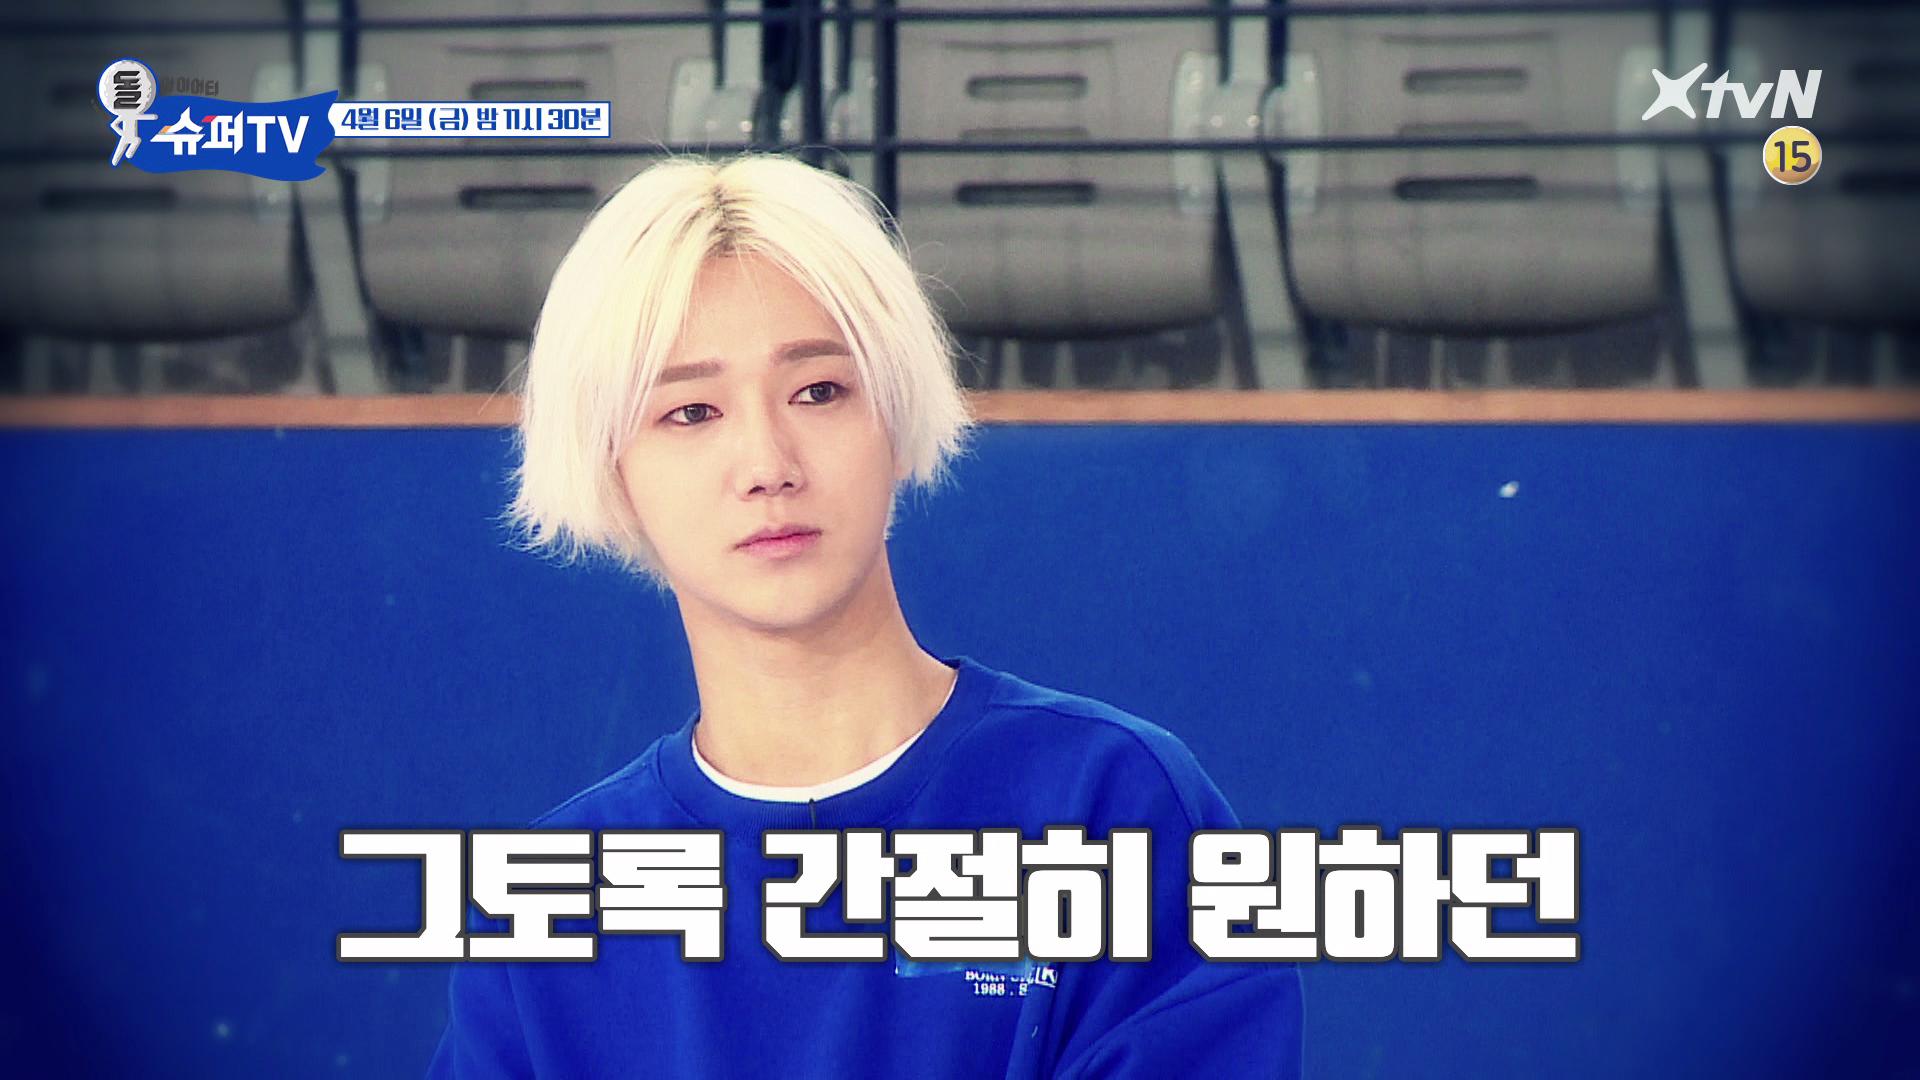 [슈퍼TV / 11회 예고] 슈퍼TV 봄맞이 운동회!